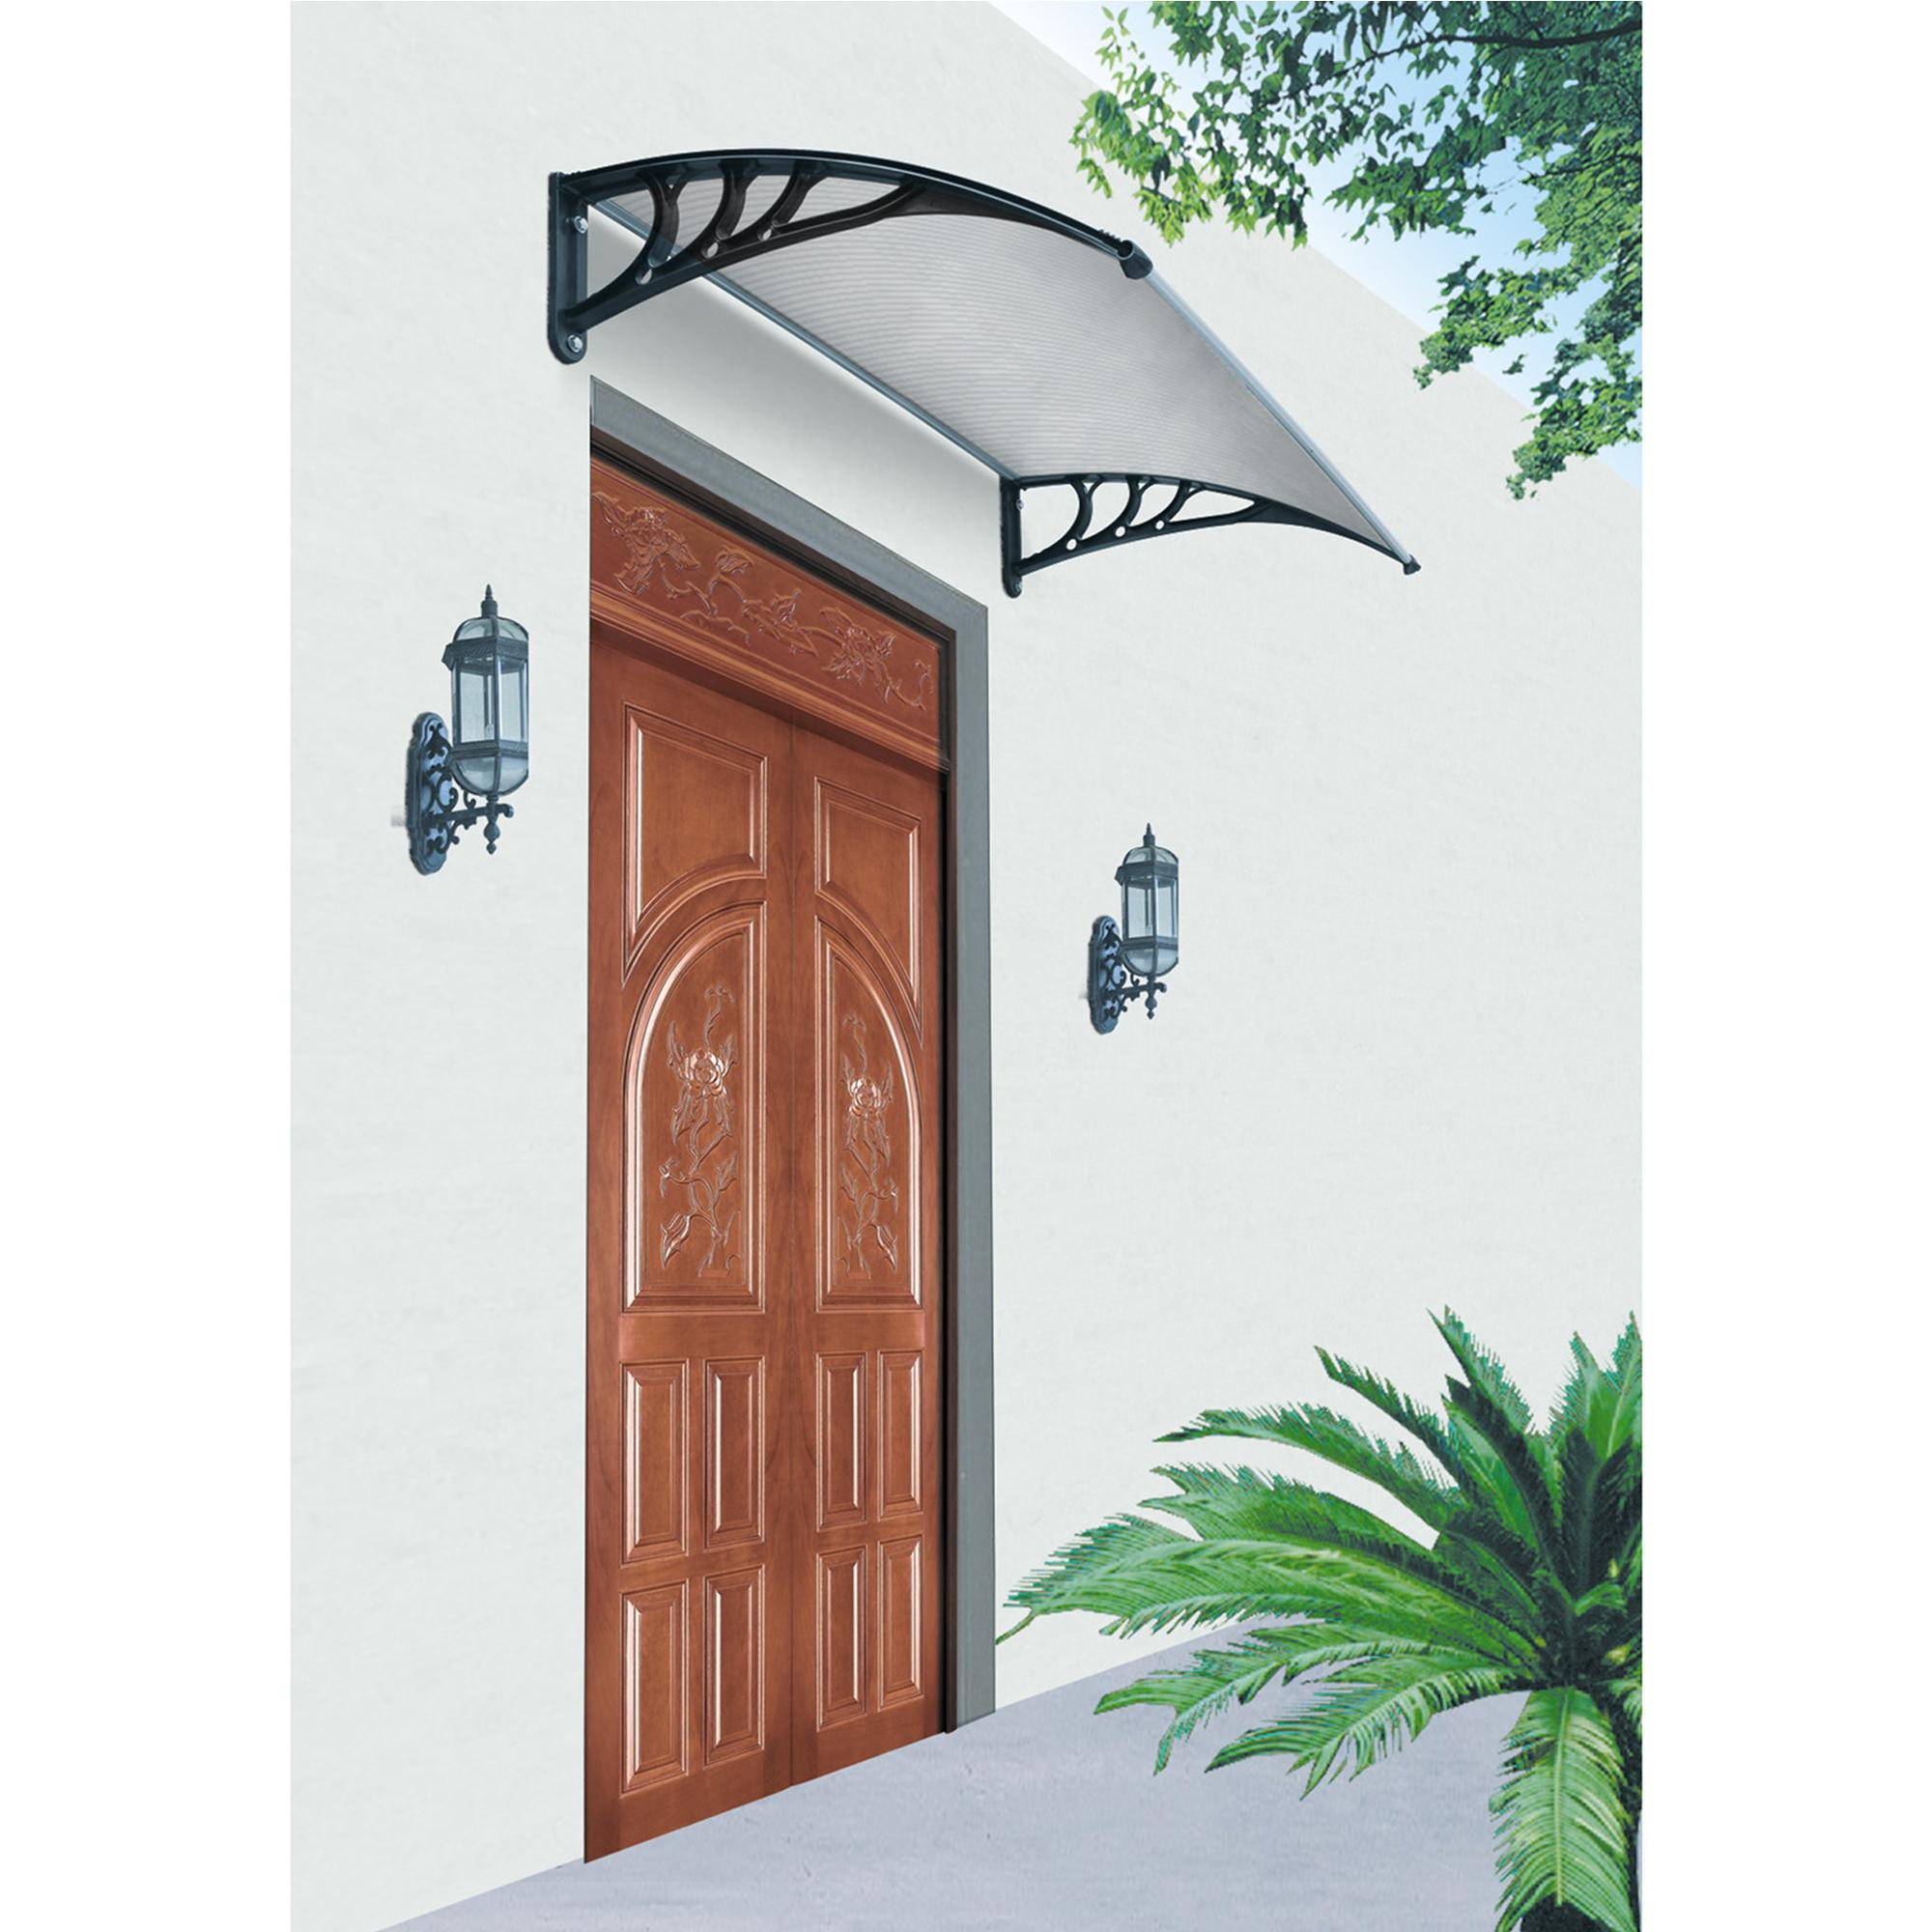 Pensilina da parete tettoia in policarbonato per porte e finestre 150x100 cm archimede system - Tettoia per porta ingresso ...